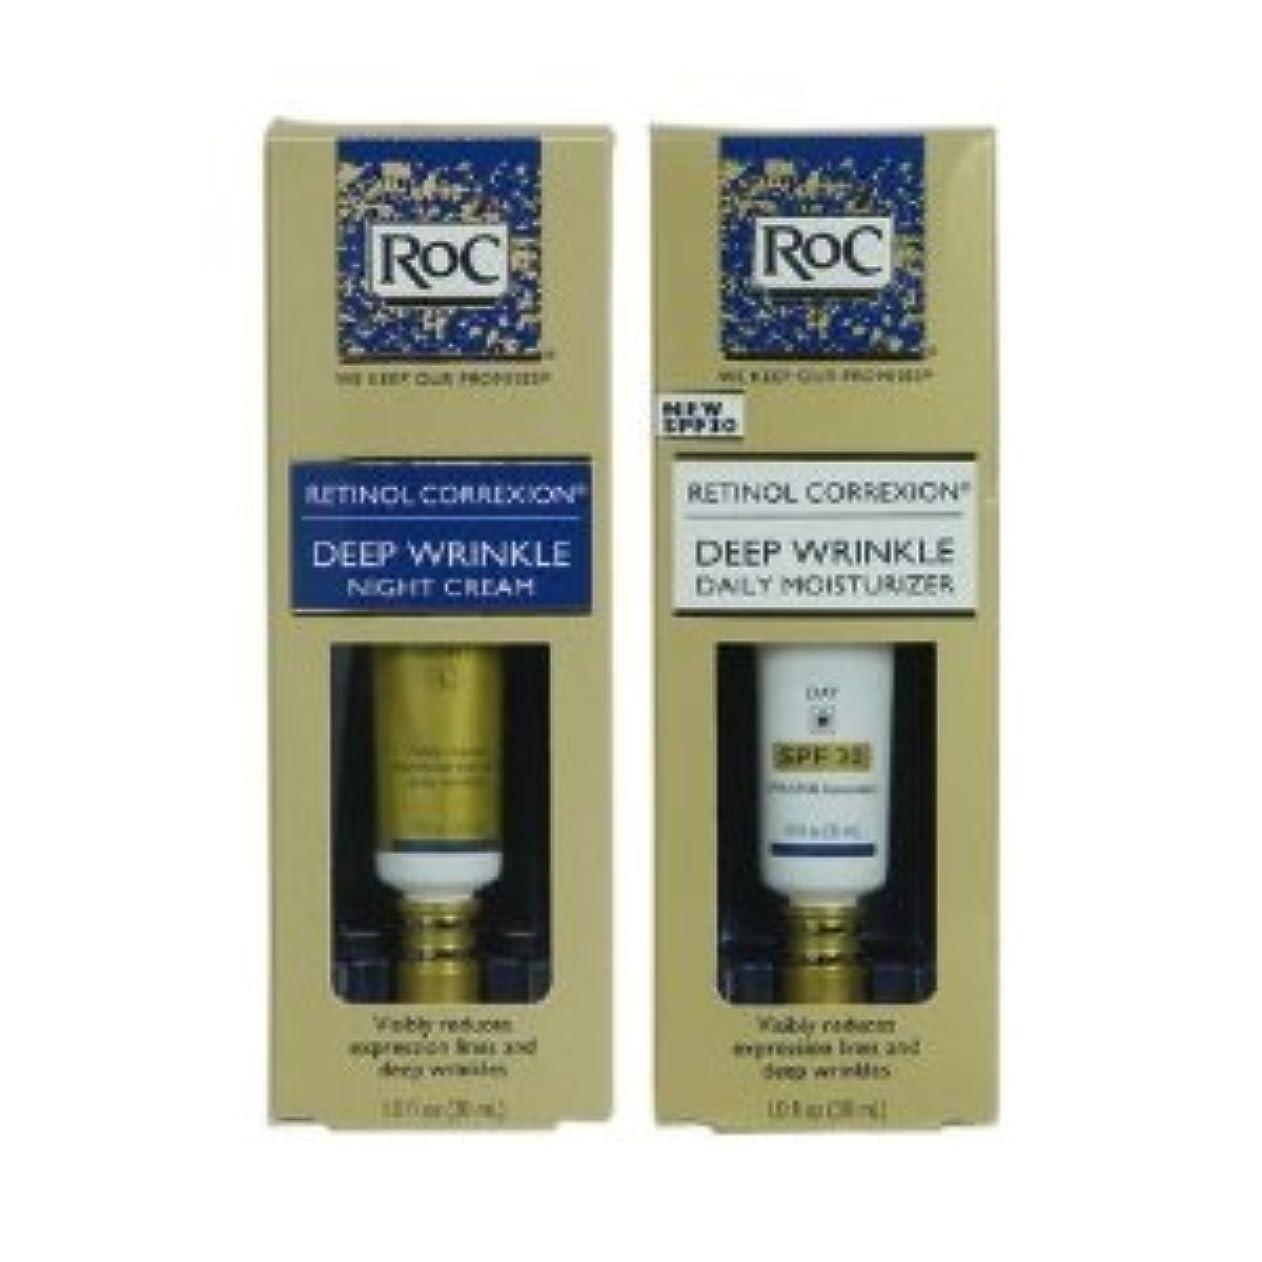 料理無謀結晶RoC レチノール コレクション 2本セット (昼+夜セット) フランス製 RoC Retinol Correxion Deep Wrinkle Day/Night set